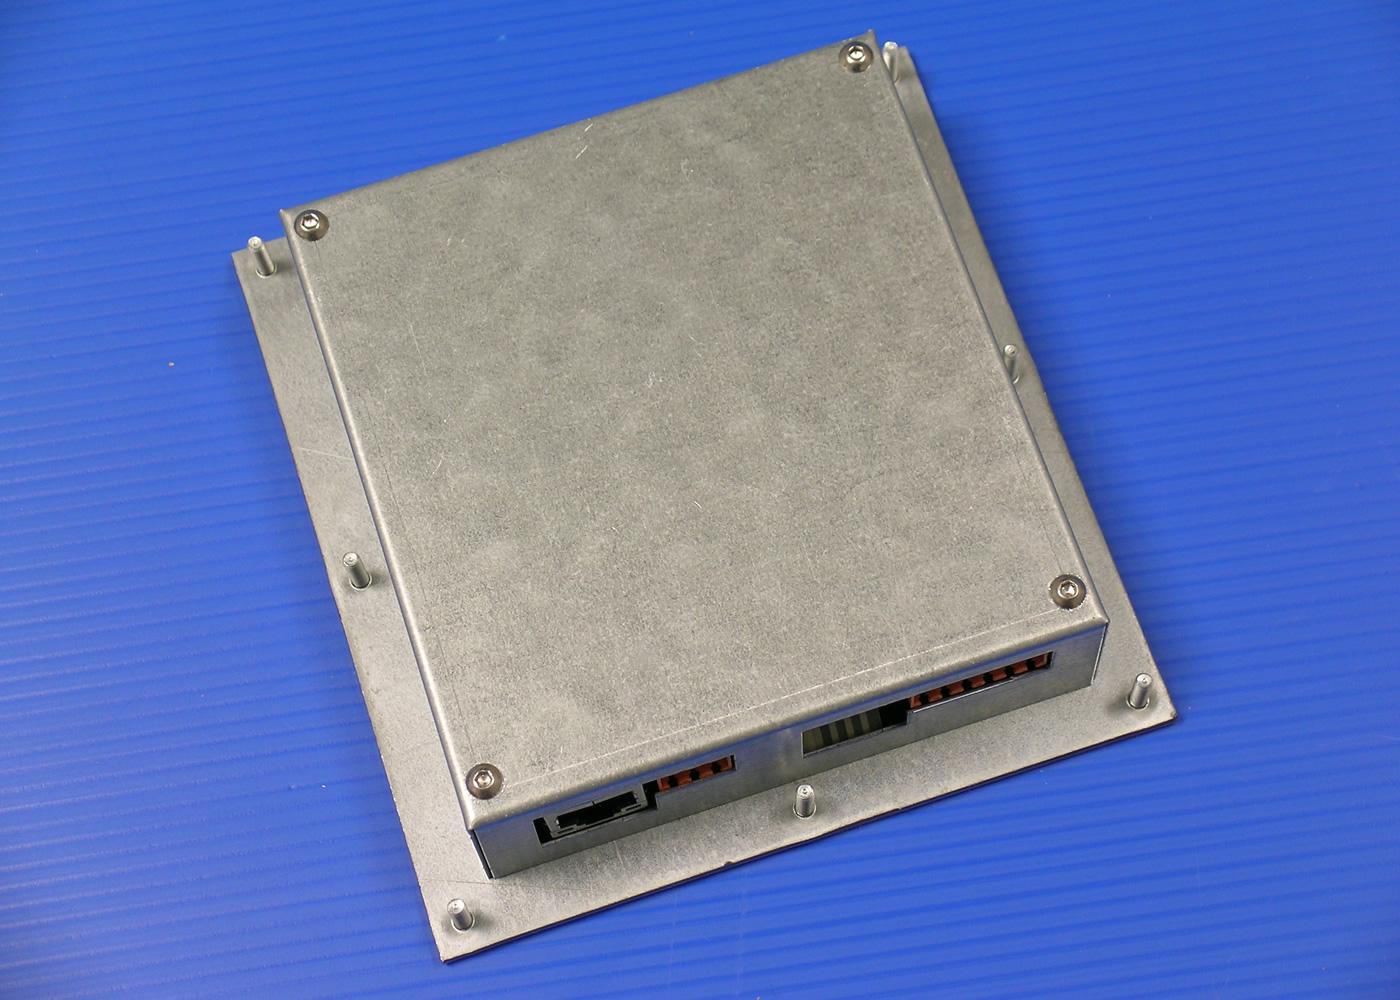 Terminal ASCII industriel 8 touches avec afficheur 4×20 caractères interface configurable RS232 / Ethernet – Terminal ASCII industriel 8 touches avec afficheur 4×20 caractères interface configurable RS232 / Ethernet – Vue arrière